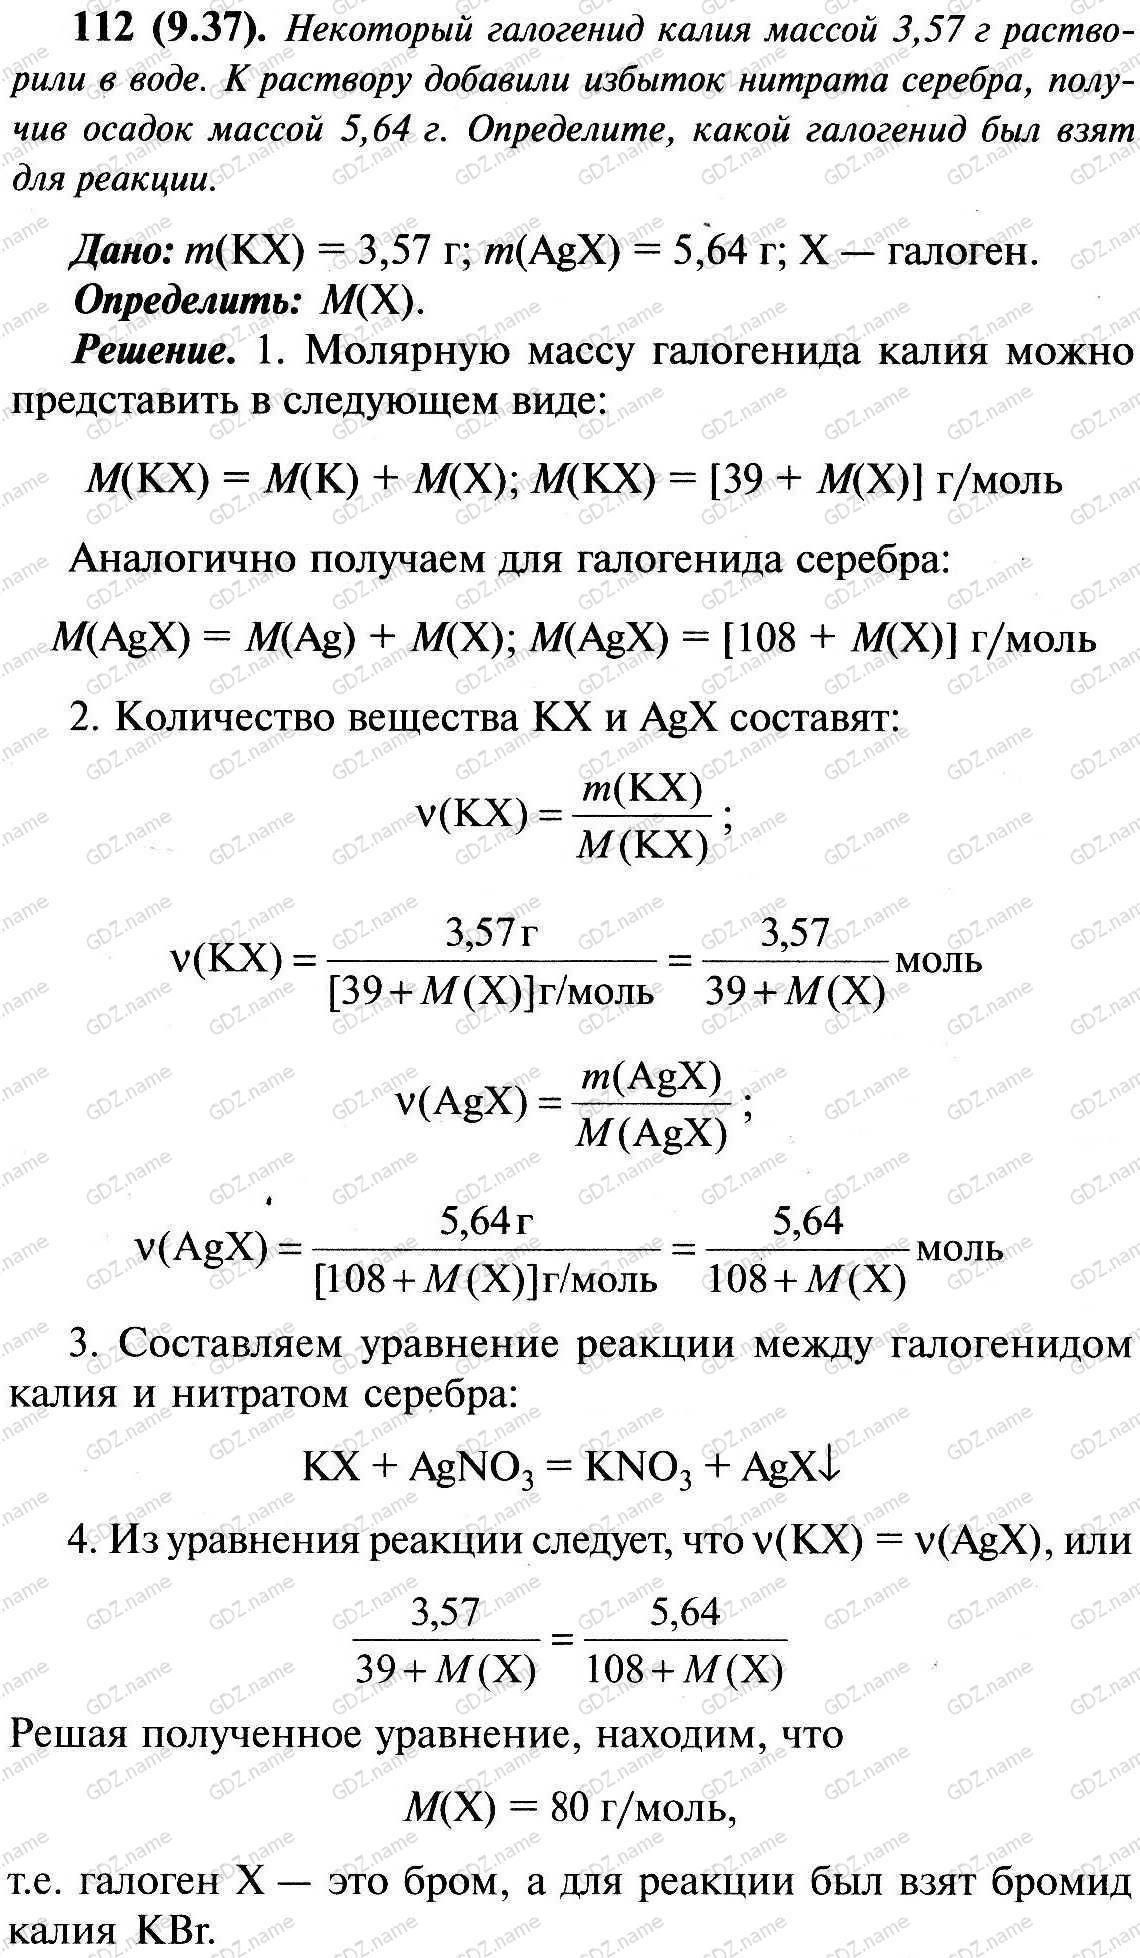 Гдз по русскому языку система эльконина давыдова 6 класс